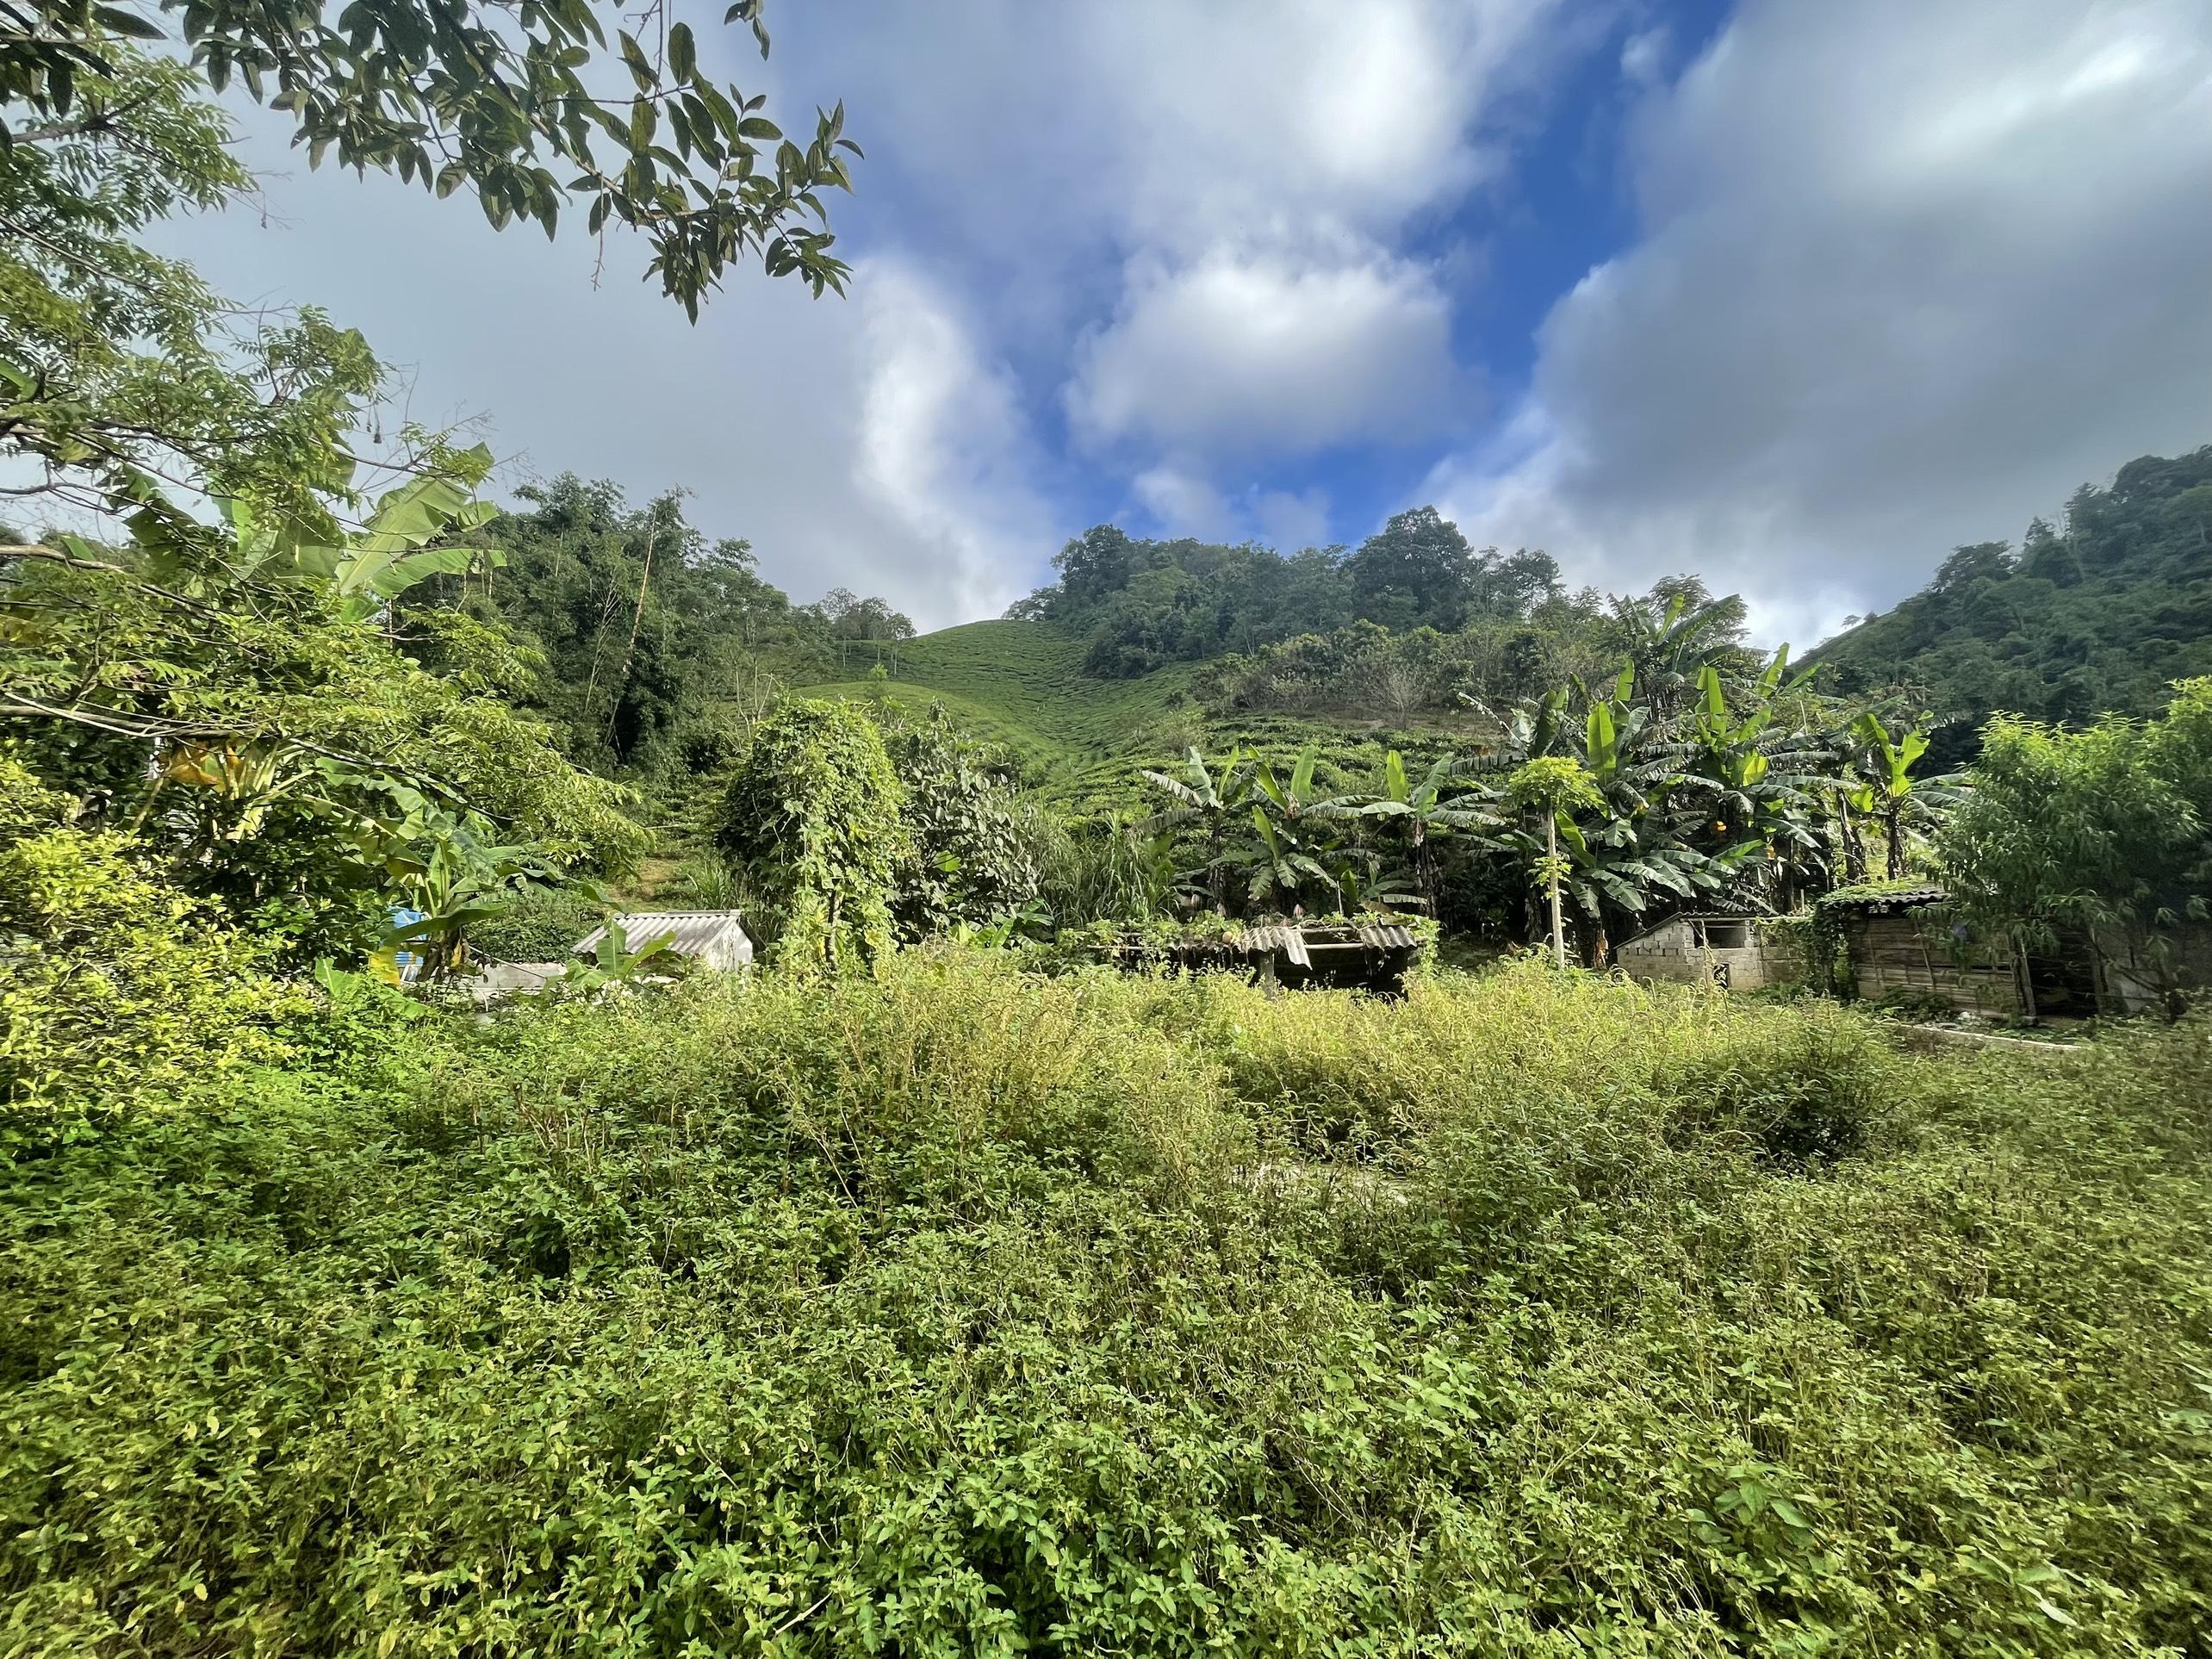 Bán lô đất tại Mộc châu vị trí siêu đẹp đón đầu sóng cao tốc Hòa  Bình - Sơn La